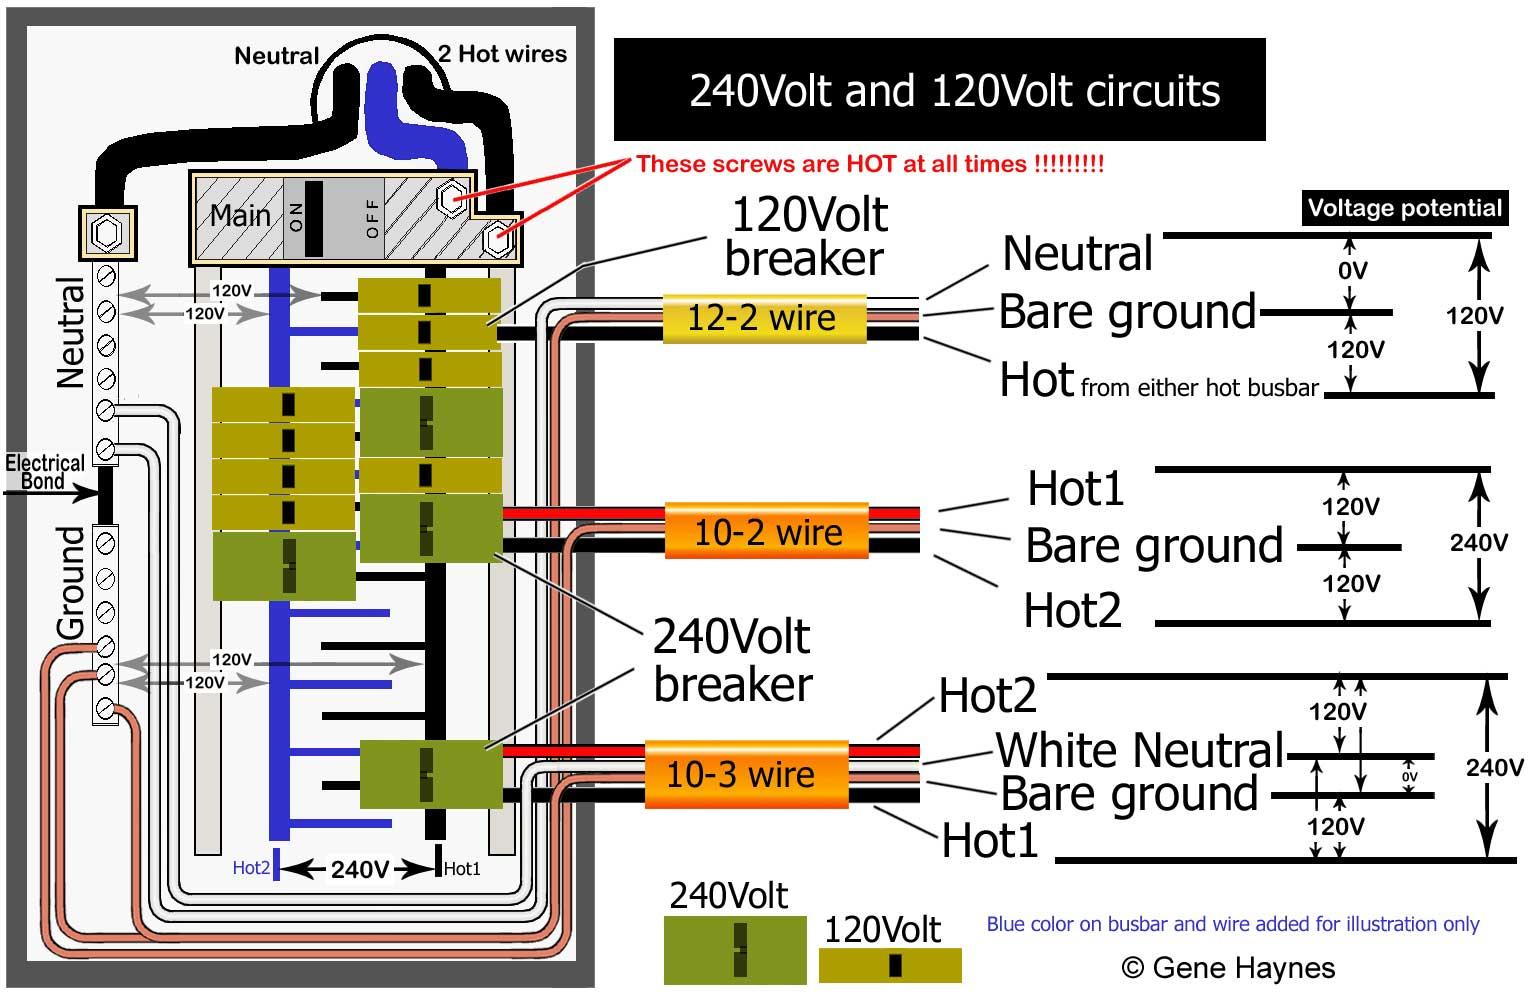 Diagram Tanning Bed Wiring Diagram 240 Volt Full Version Hd Quality 240 Volt Diagramscran Campionatiscipc2020 It